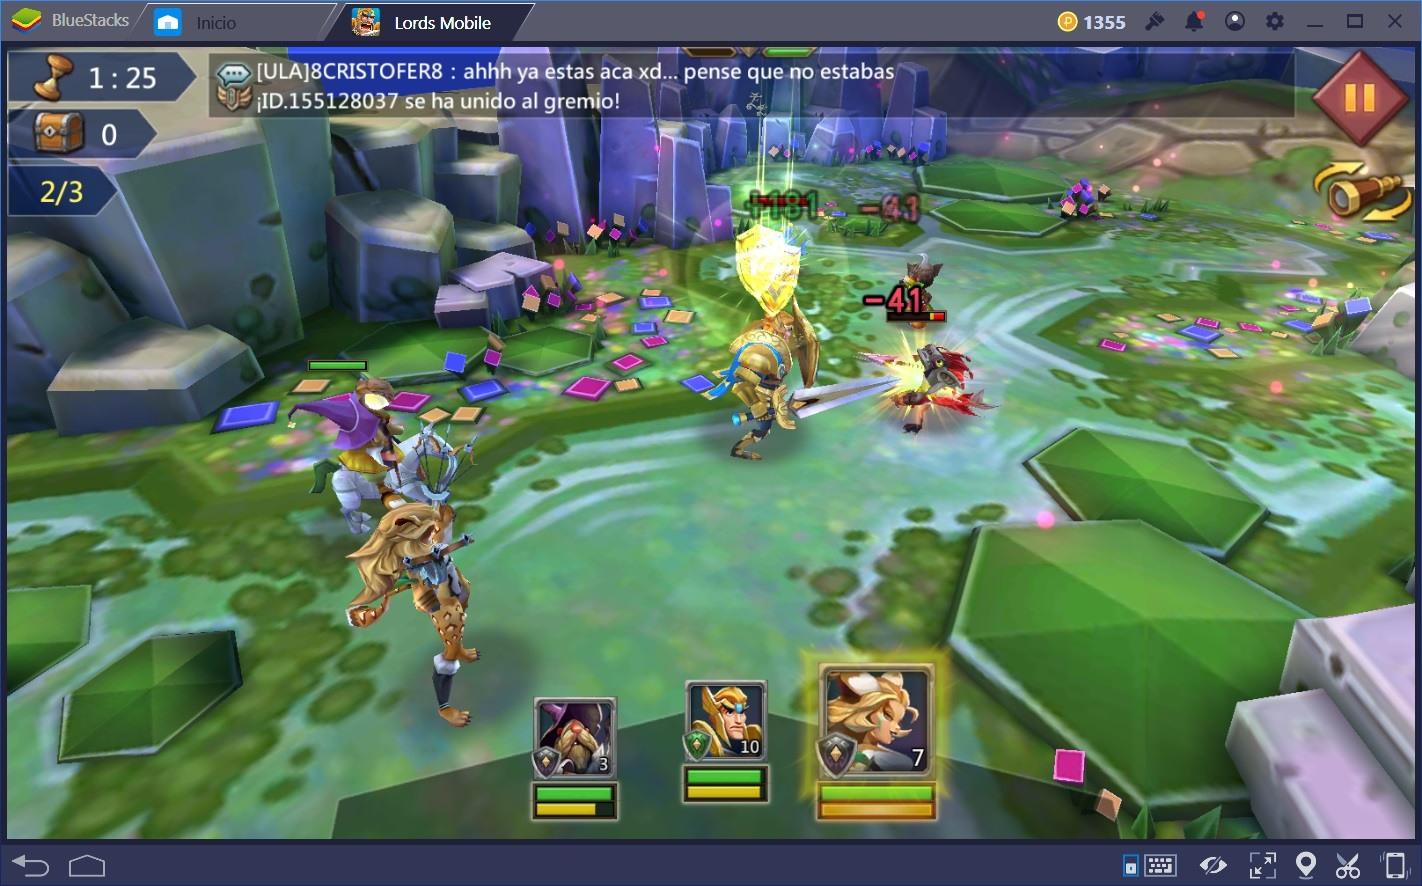 Cómo Desbloquear y Entrenar Héroes Rápidamente en Lords Mobile